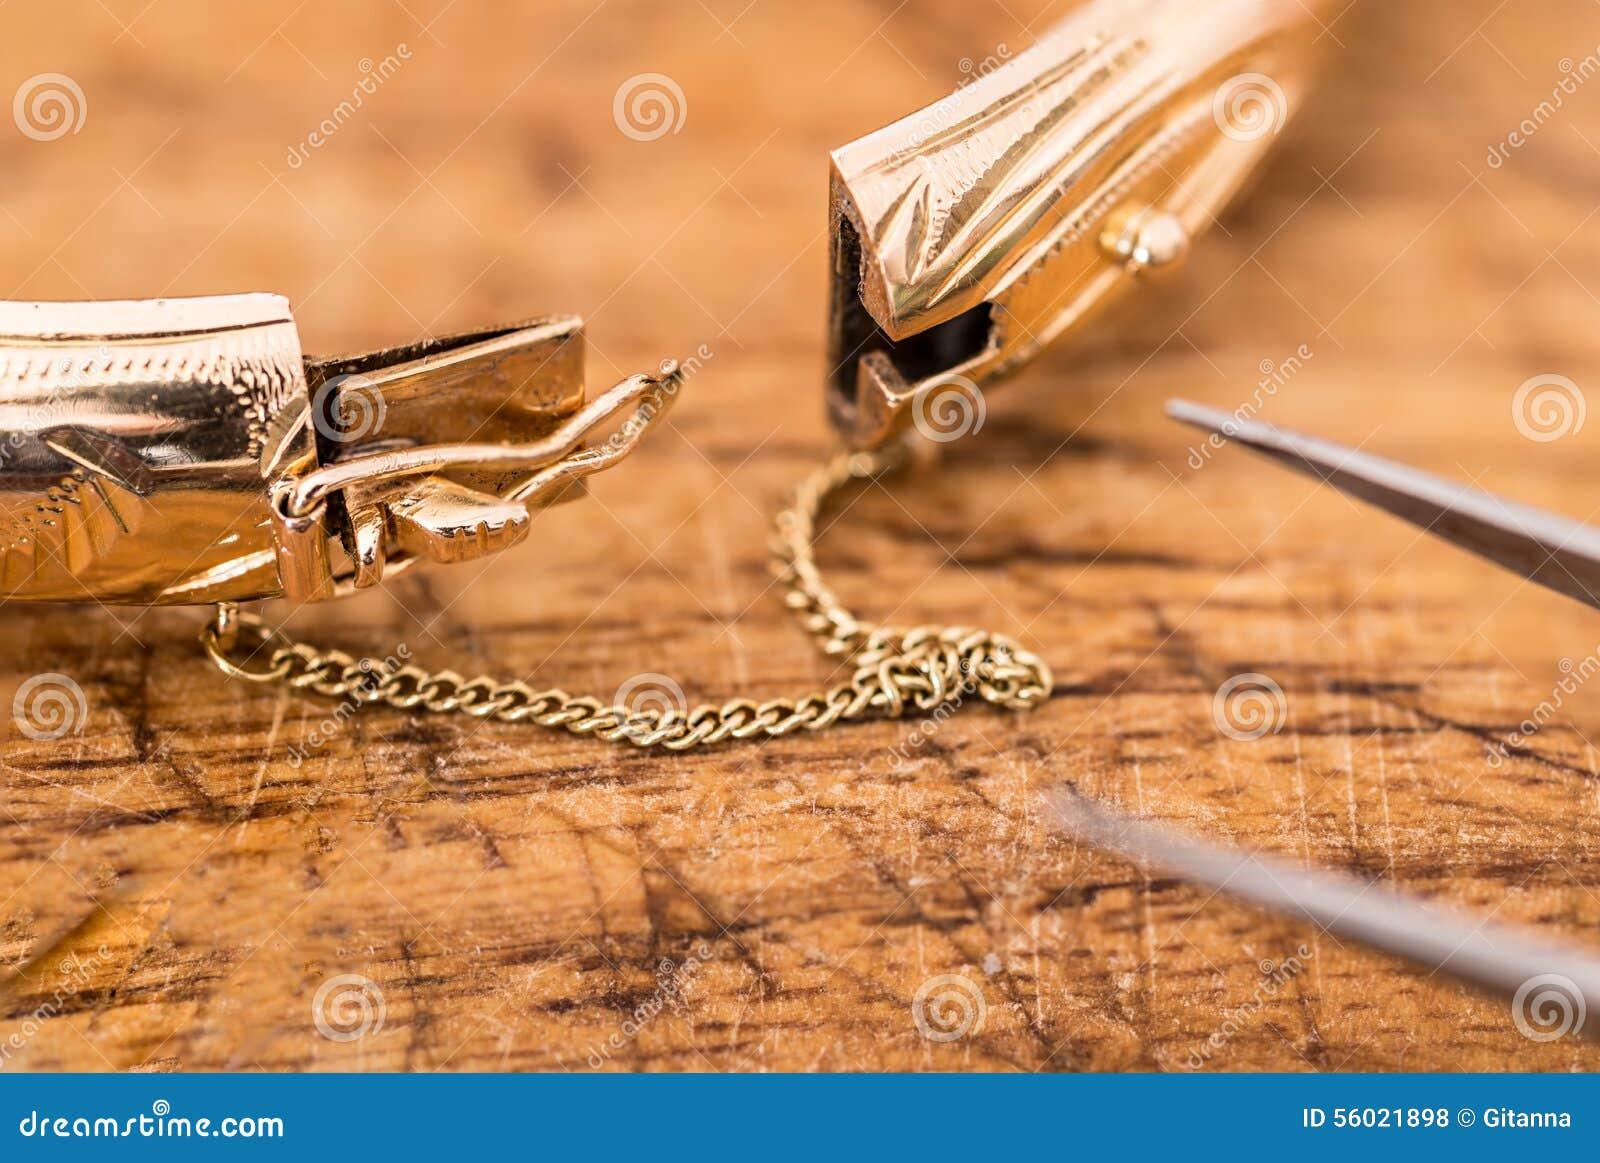 jewelry repair stock photo image 56021898